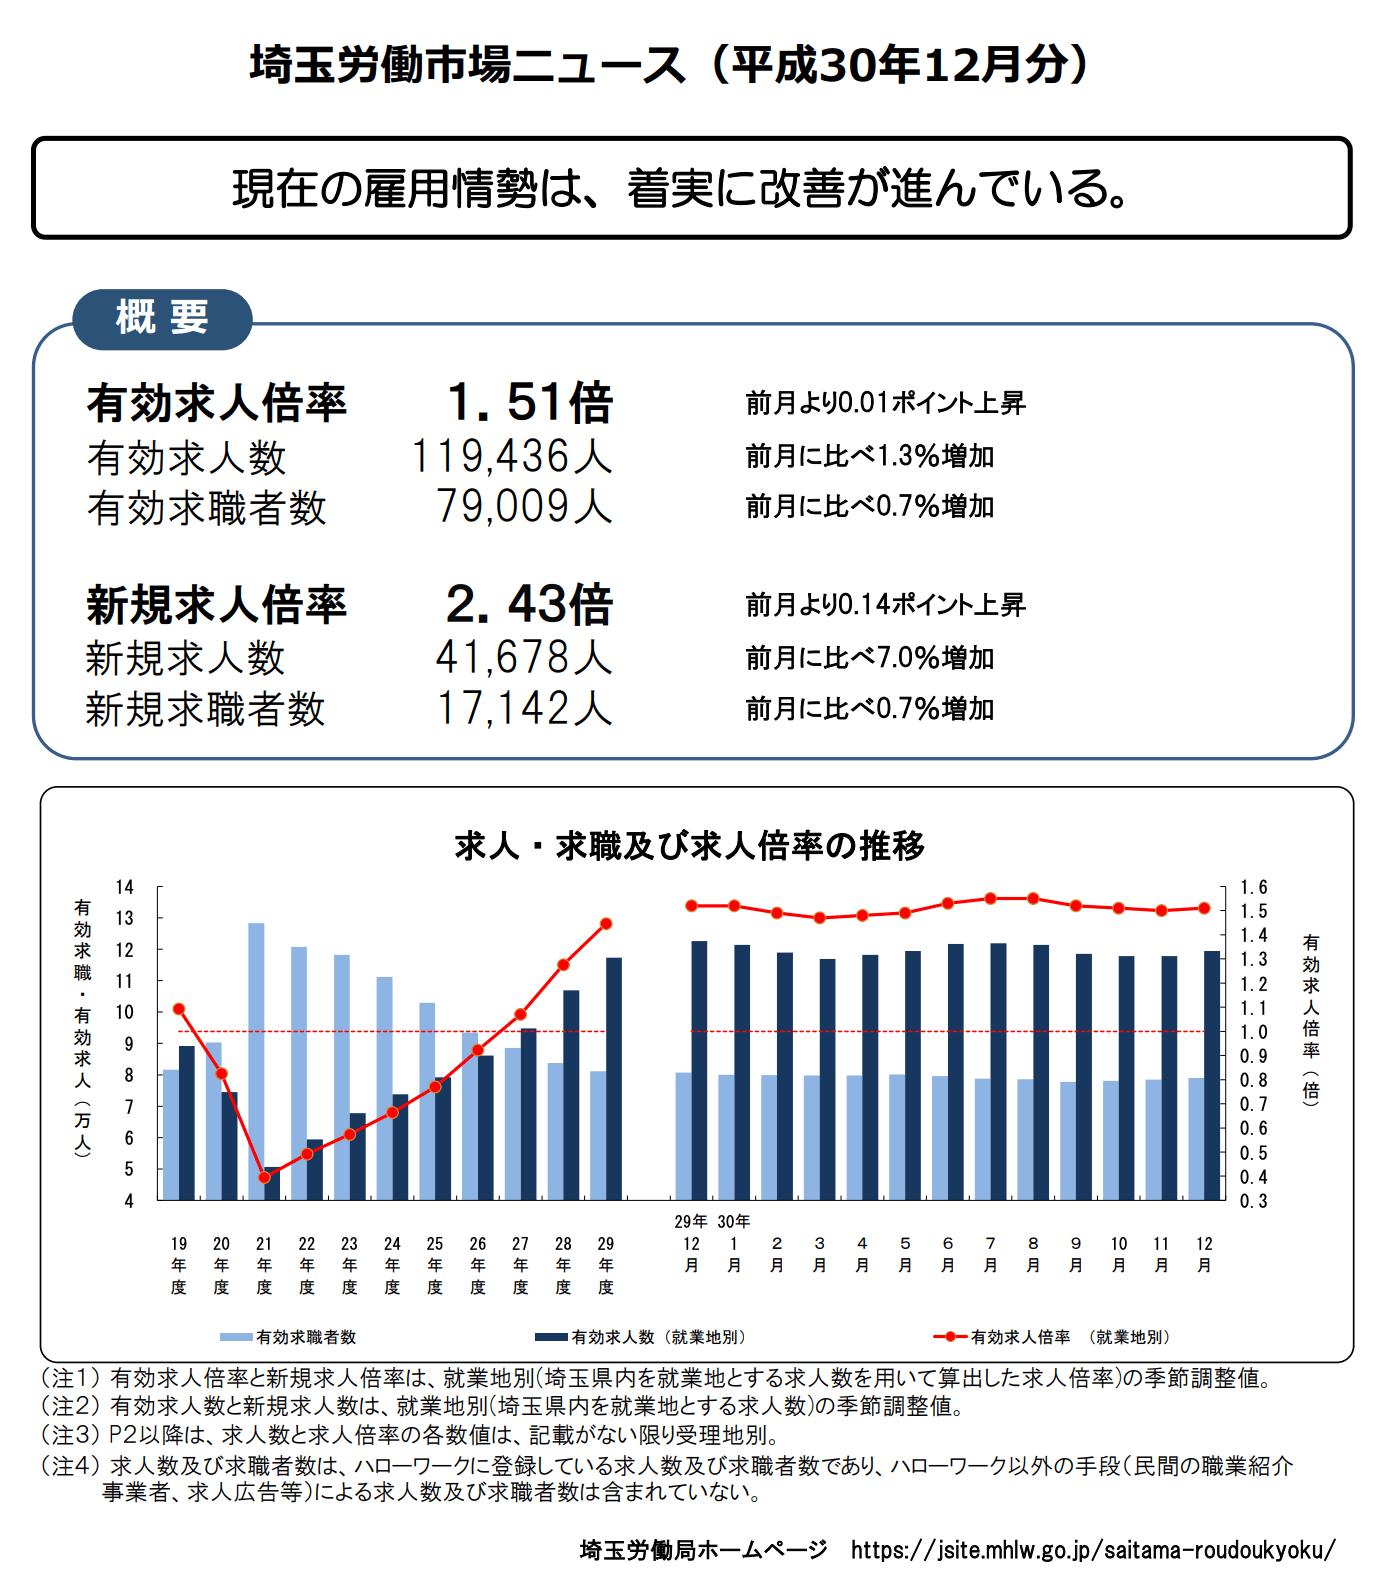 埼玉県の求人倍率